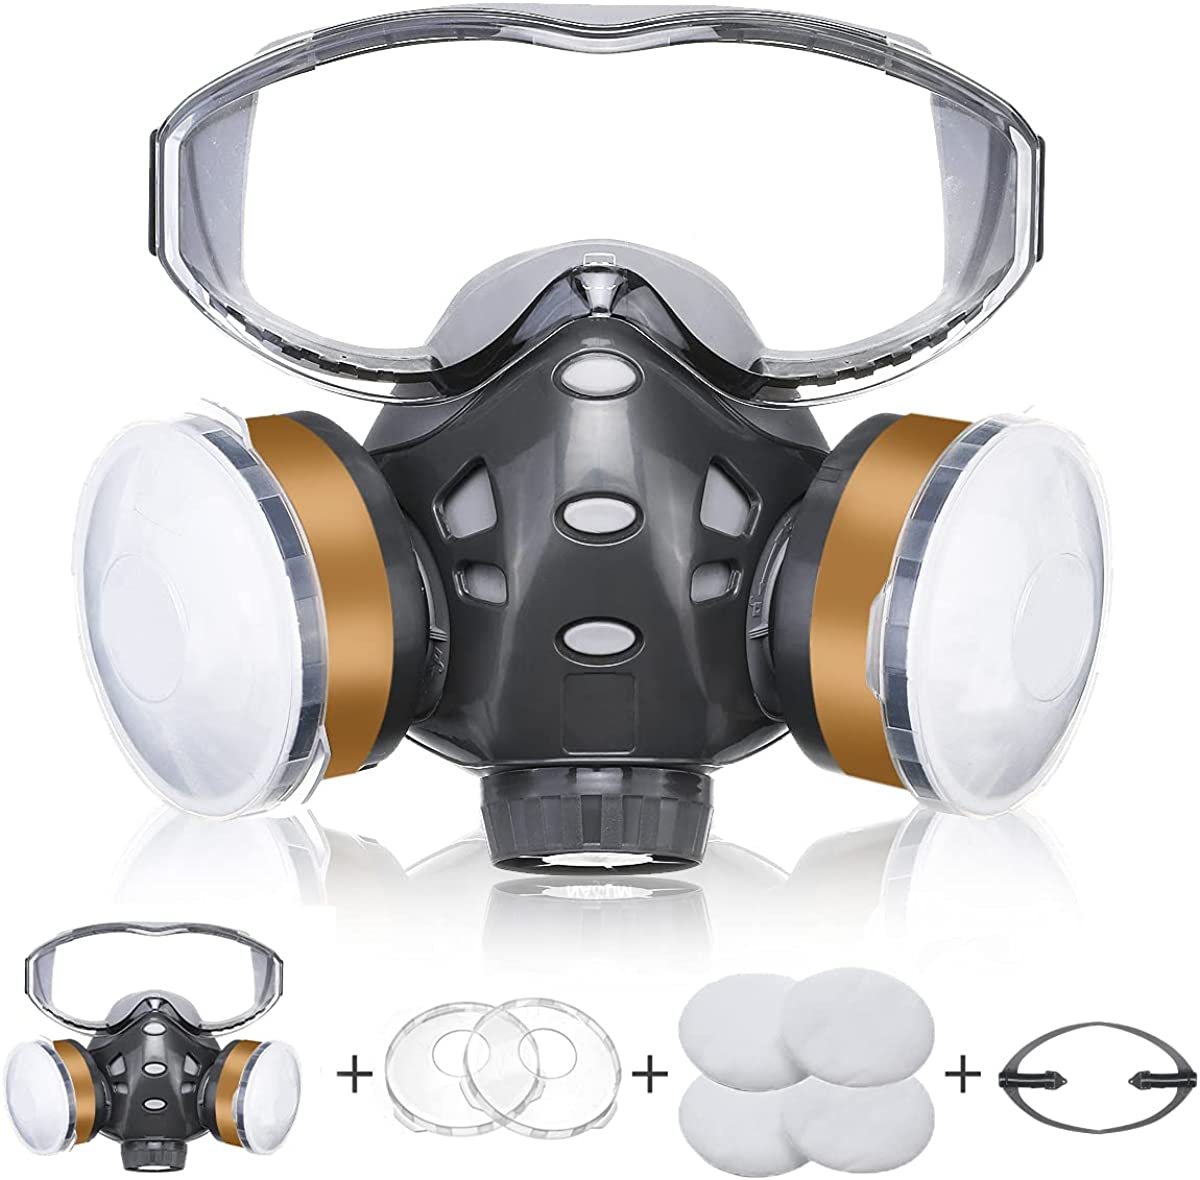 Genérico 8200 Facial Cubierta Antipolvo, Facial Cubierta Protectora con Gafas Fijas, 4 x Filtros de Algodón, Facial Cubierta Reutilizable para Polvo / Partículas / Vapor / Gas para Aerosol / Pintura